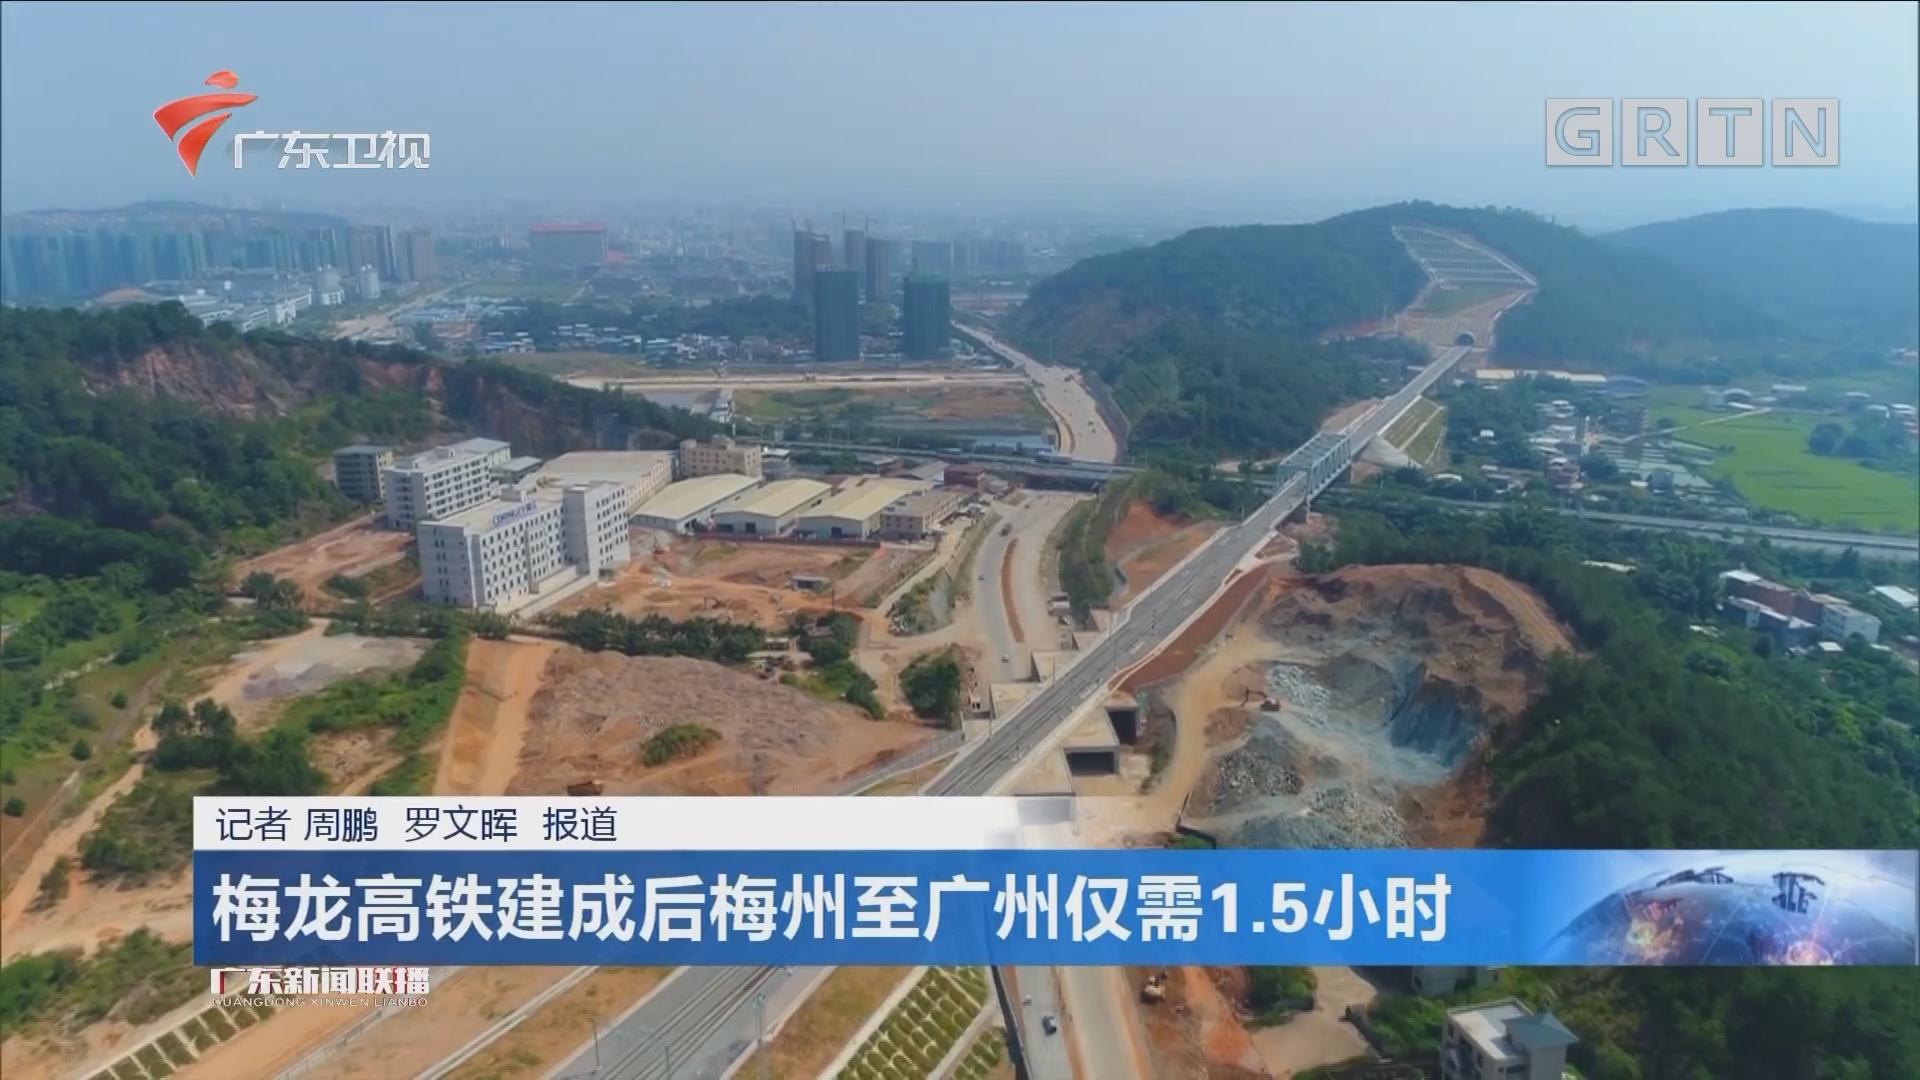 梅龙高铁建成后梅州至广州仅需1.5小时